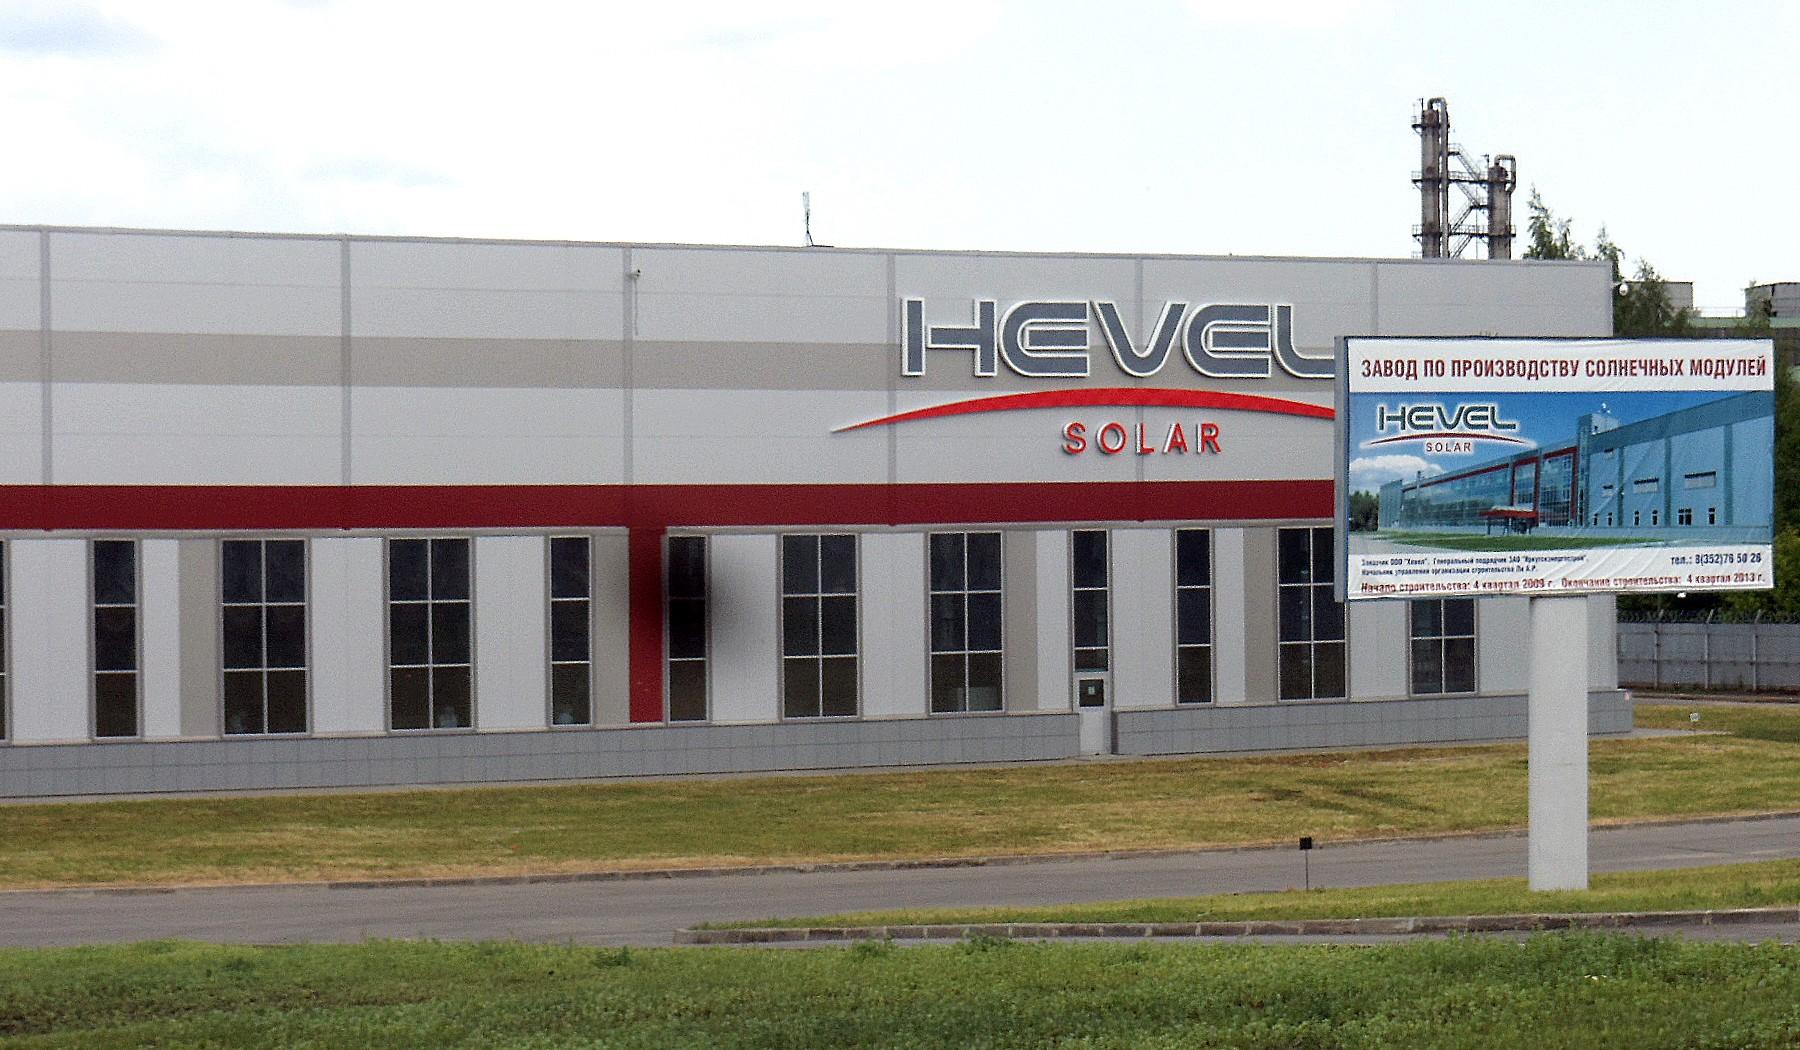 Компания «Хевел» намерена купить три солнечные электростанции в Казахстане